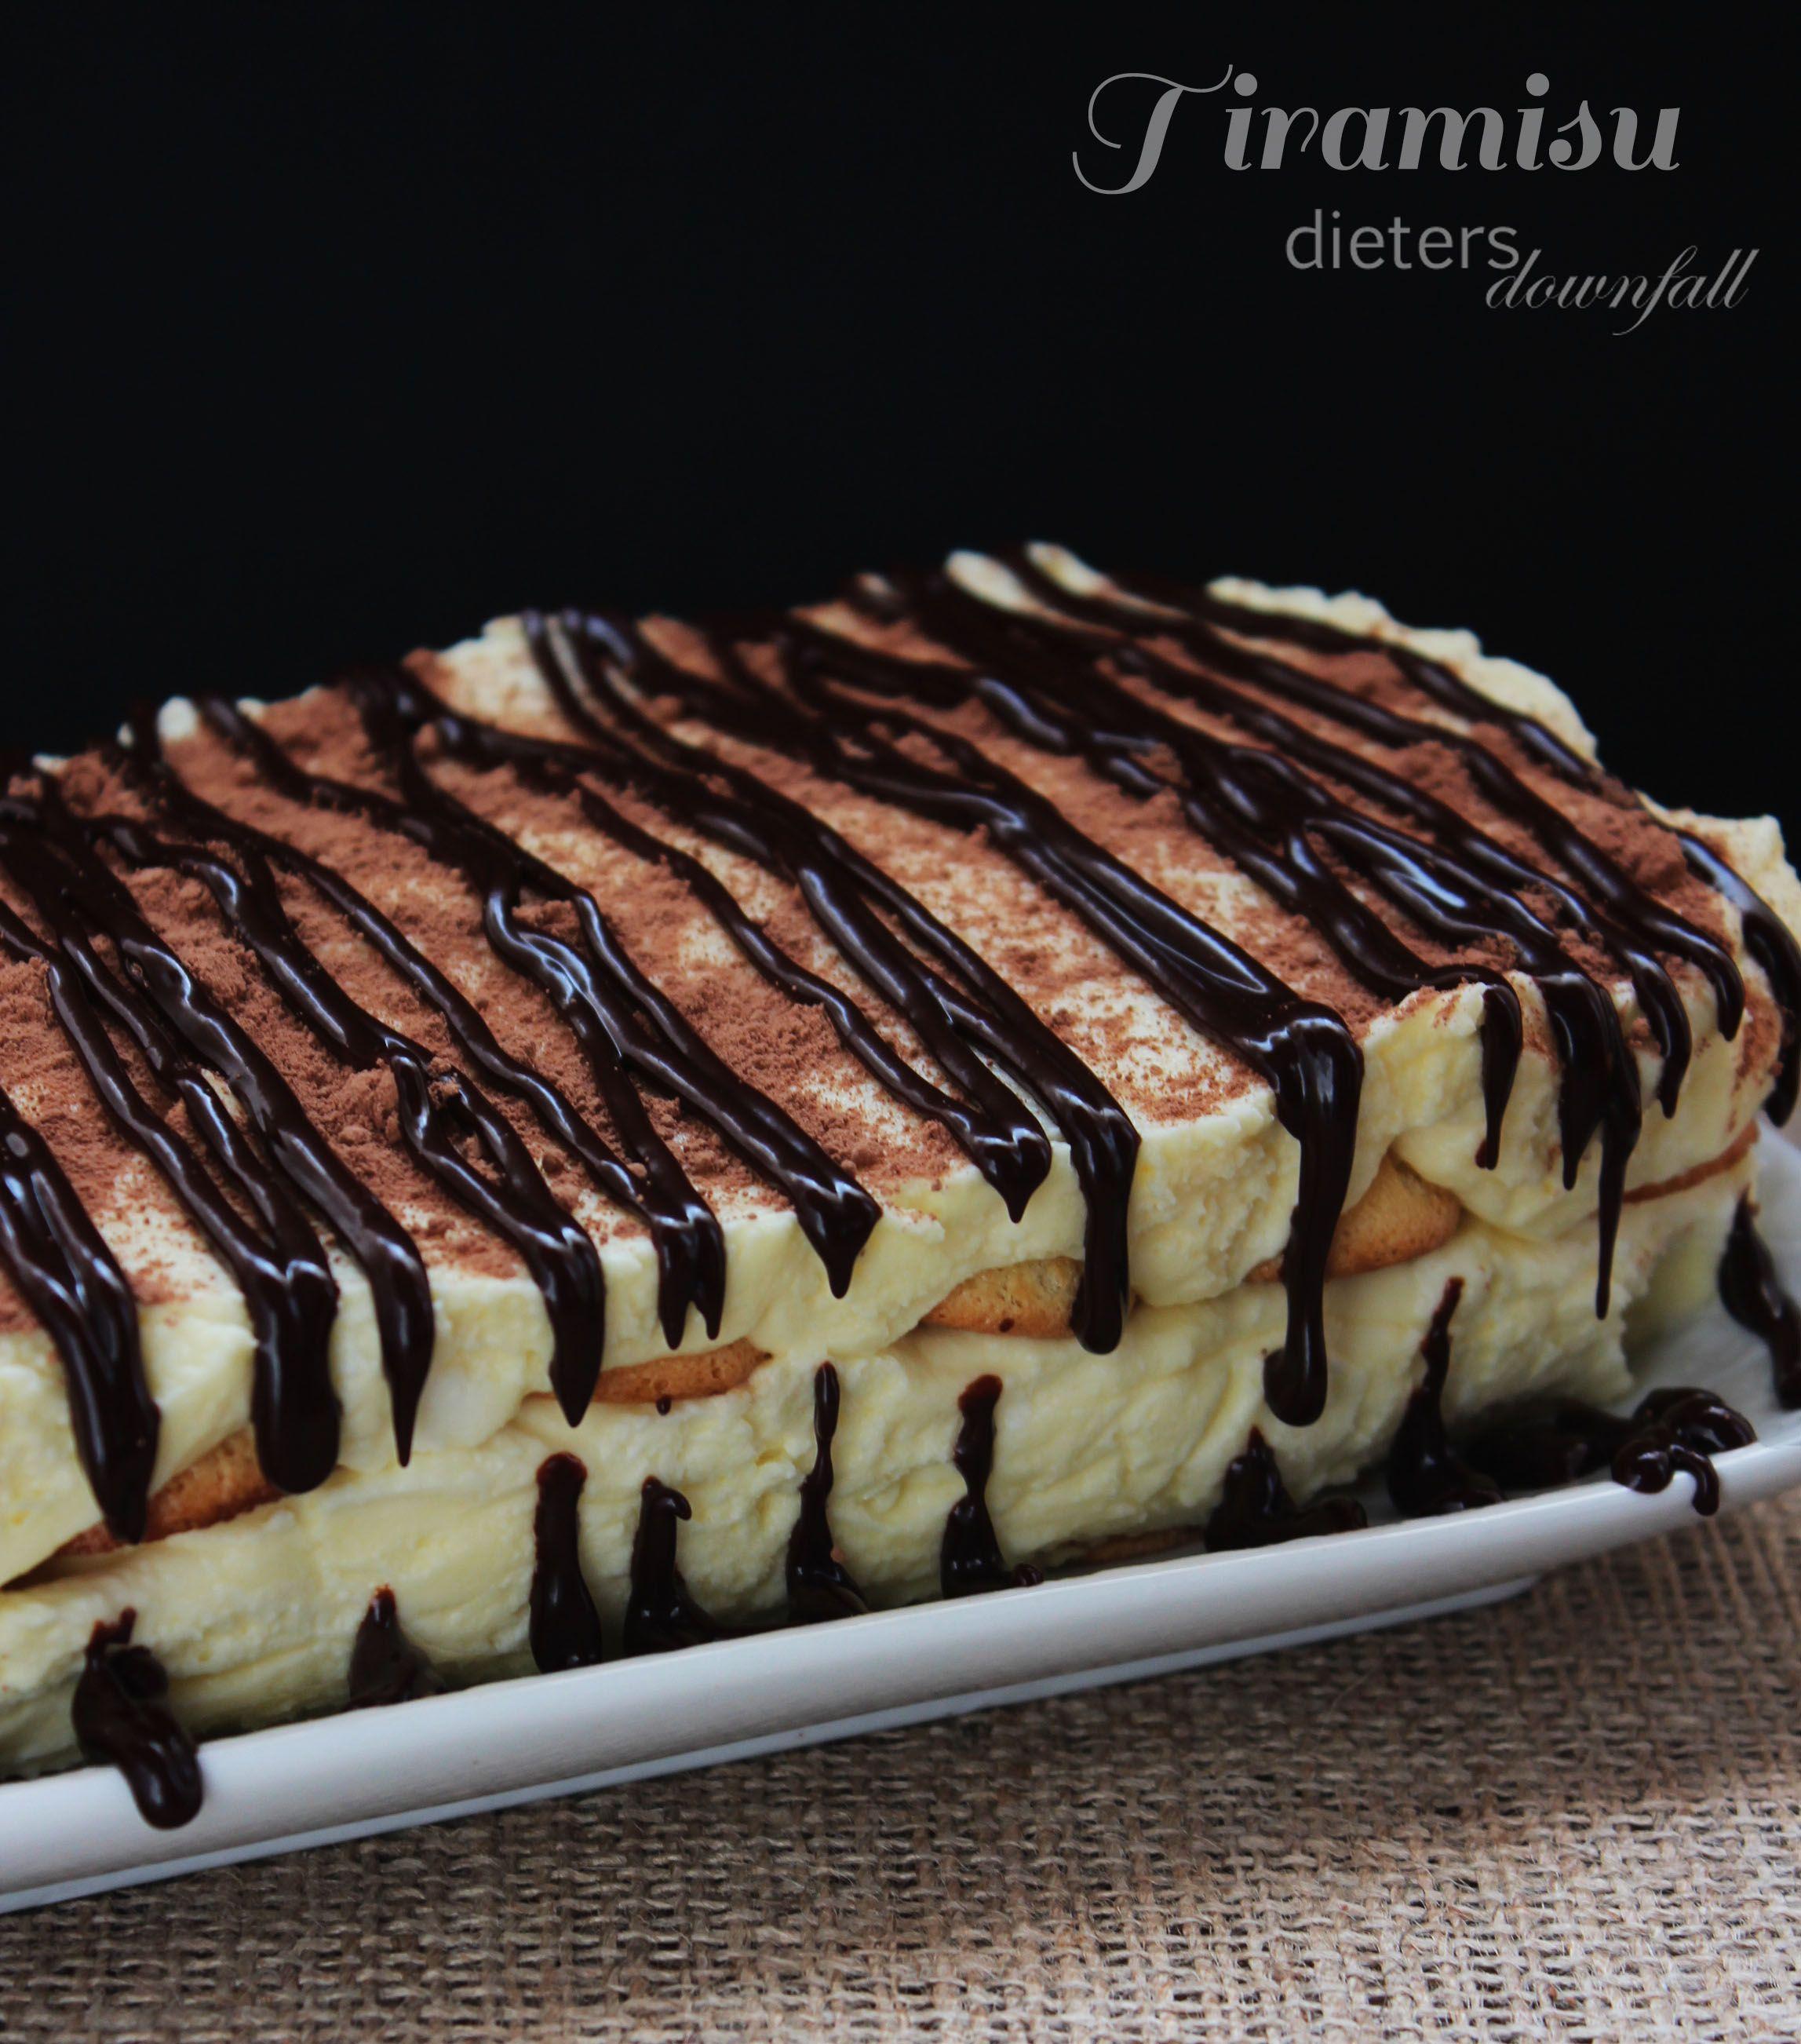 die besten 25 tiramisu ideen auf pinterest italienische desserts kuchen rezepte ohne eier. Black Bedroom Furniture Sets. Home Design Ideas